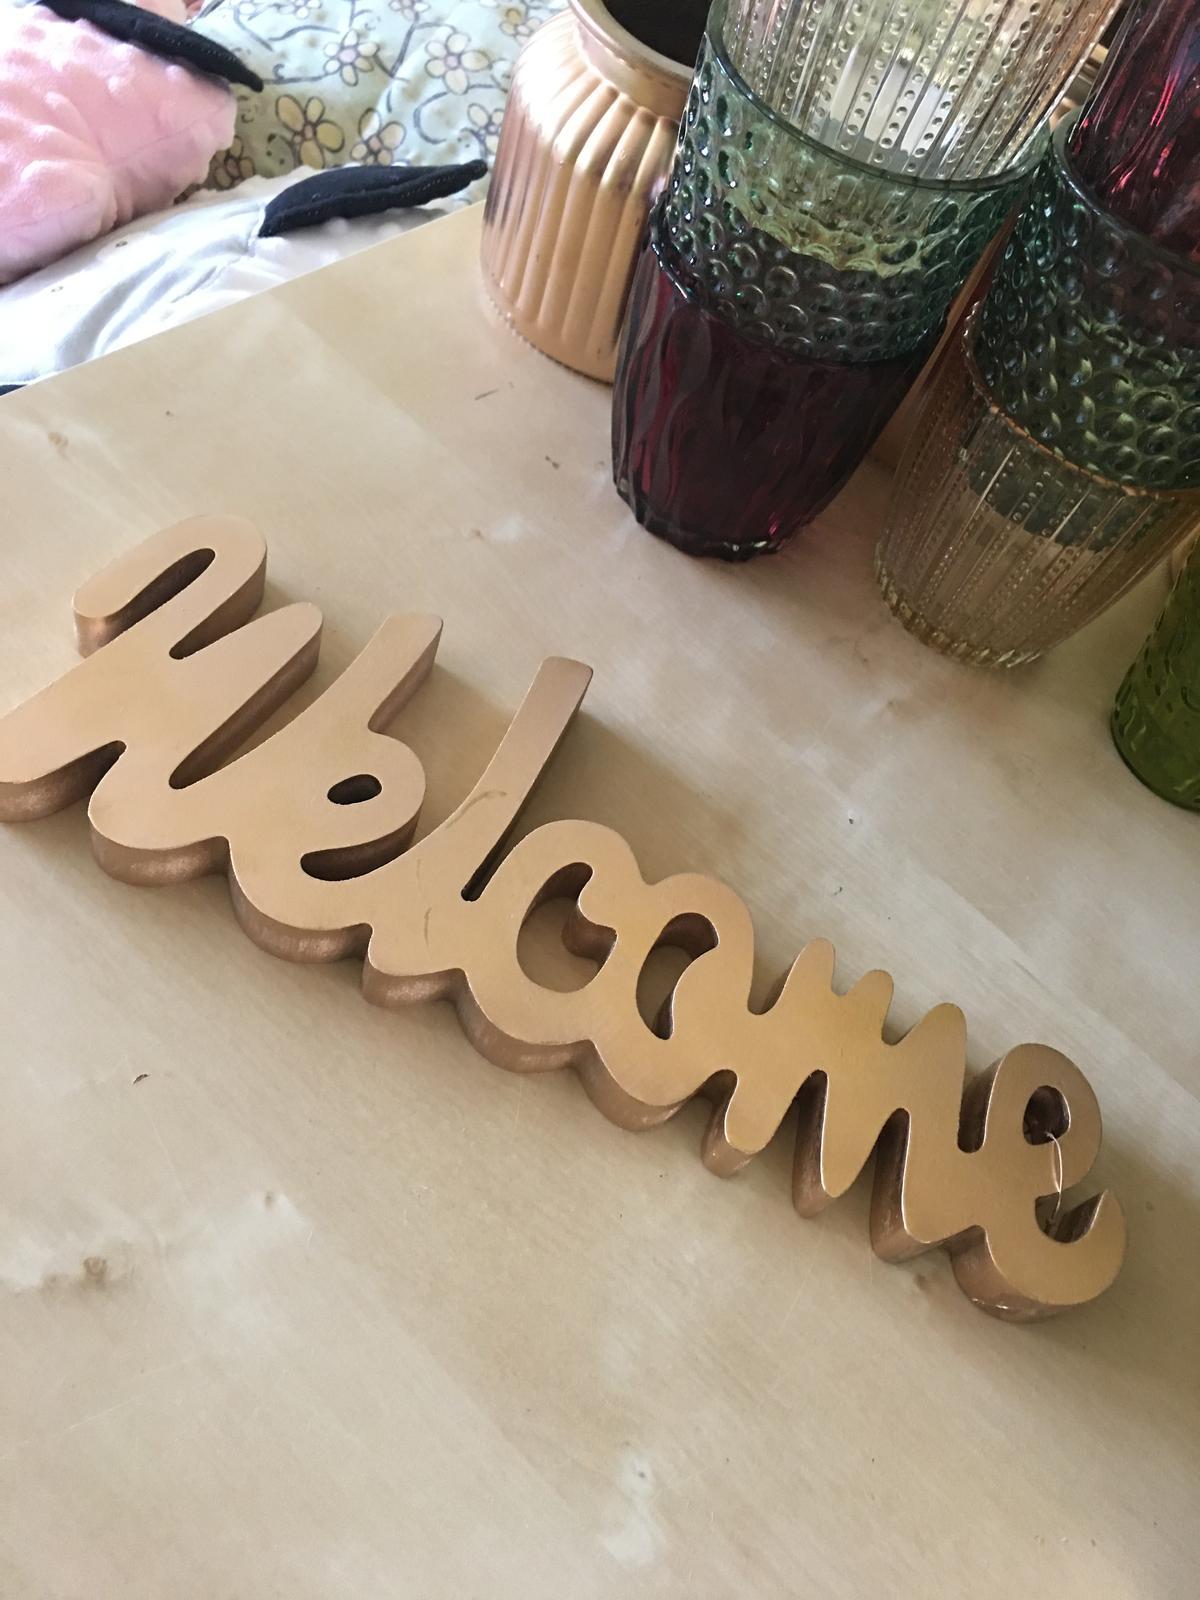 pozlacený nápis welcome - Obrázek č. 1